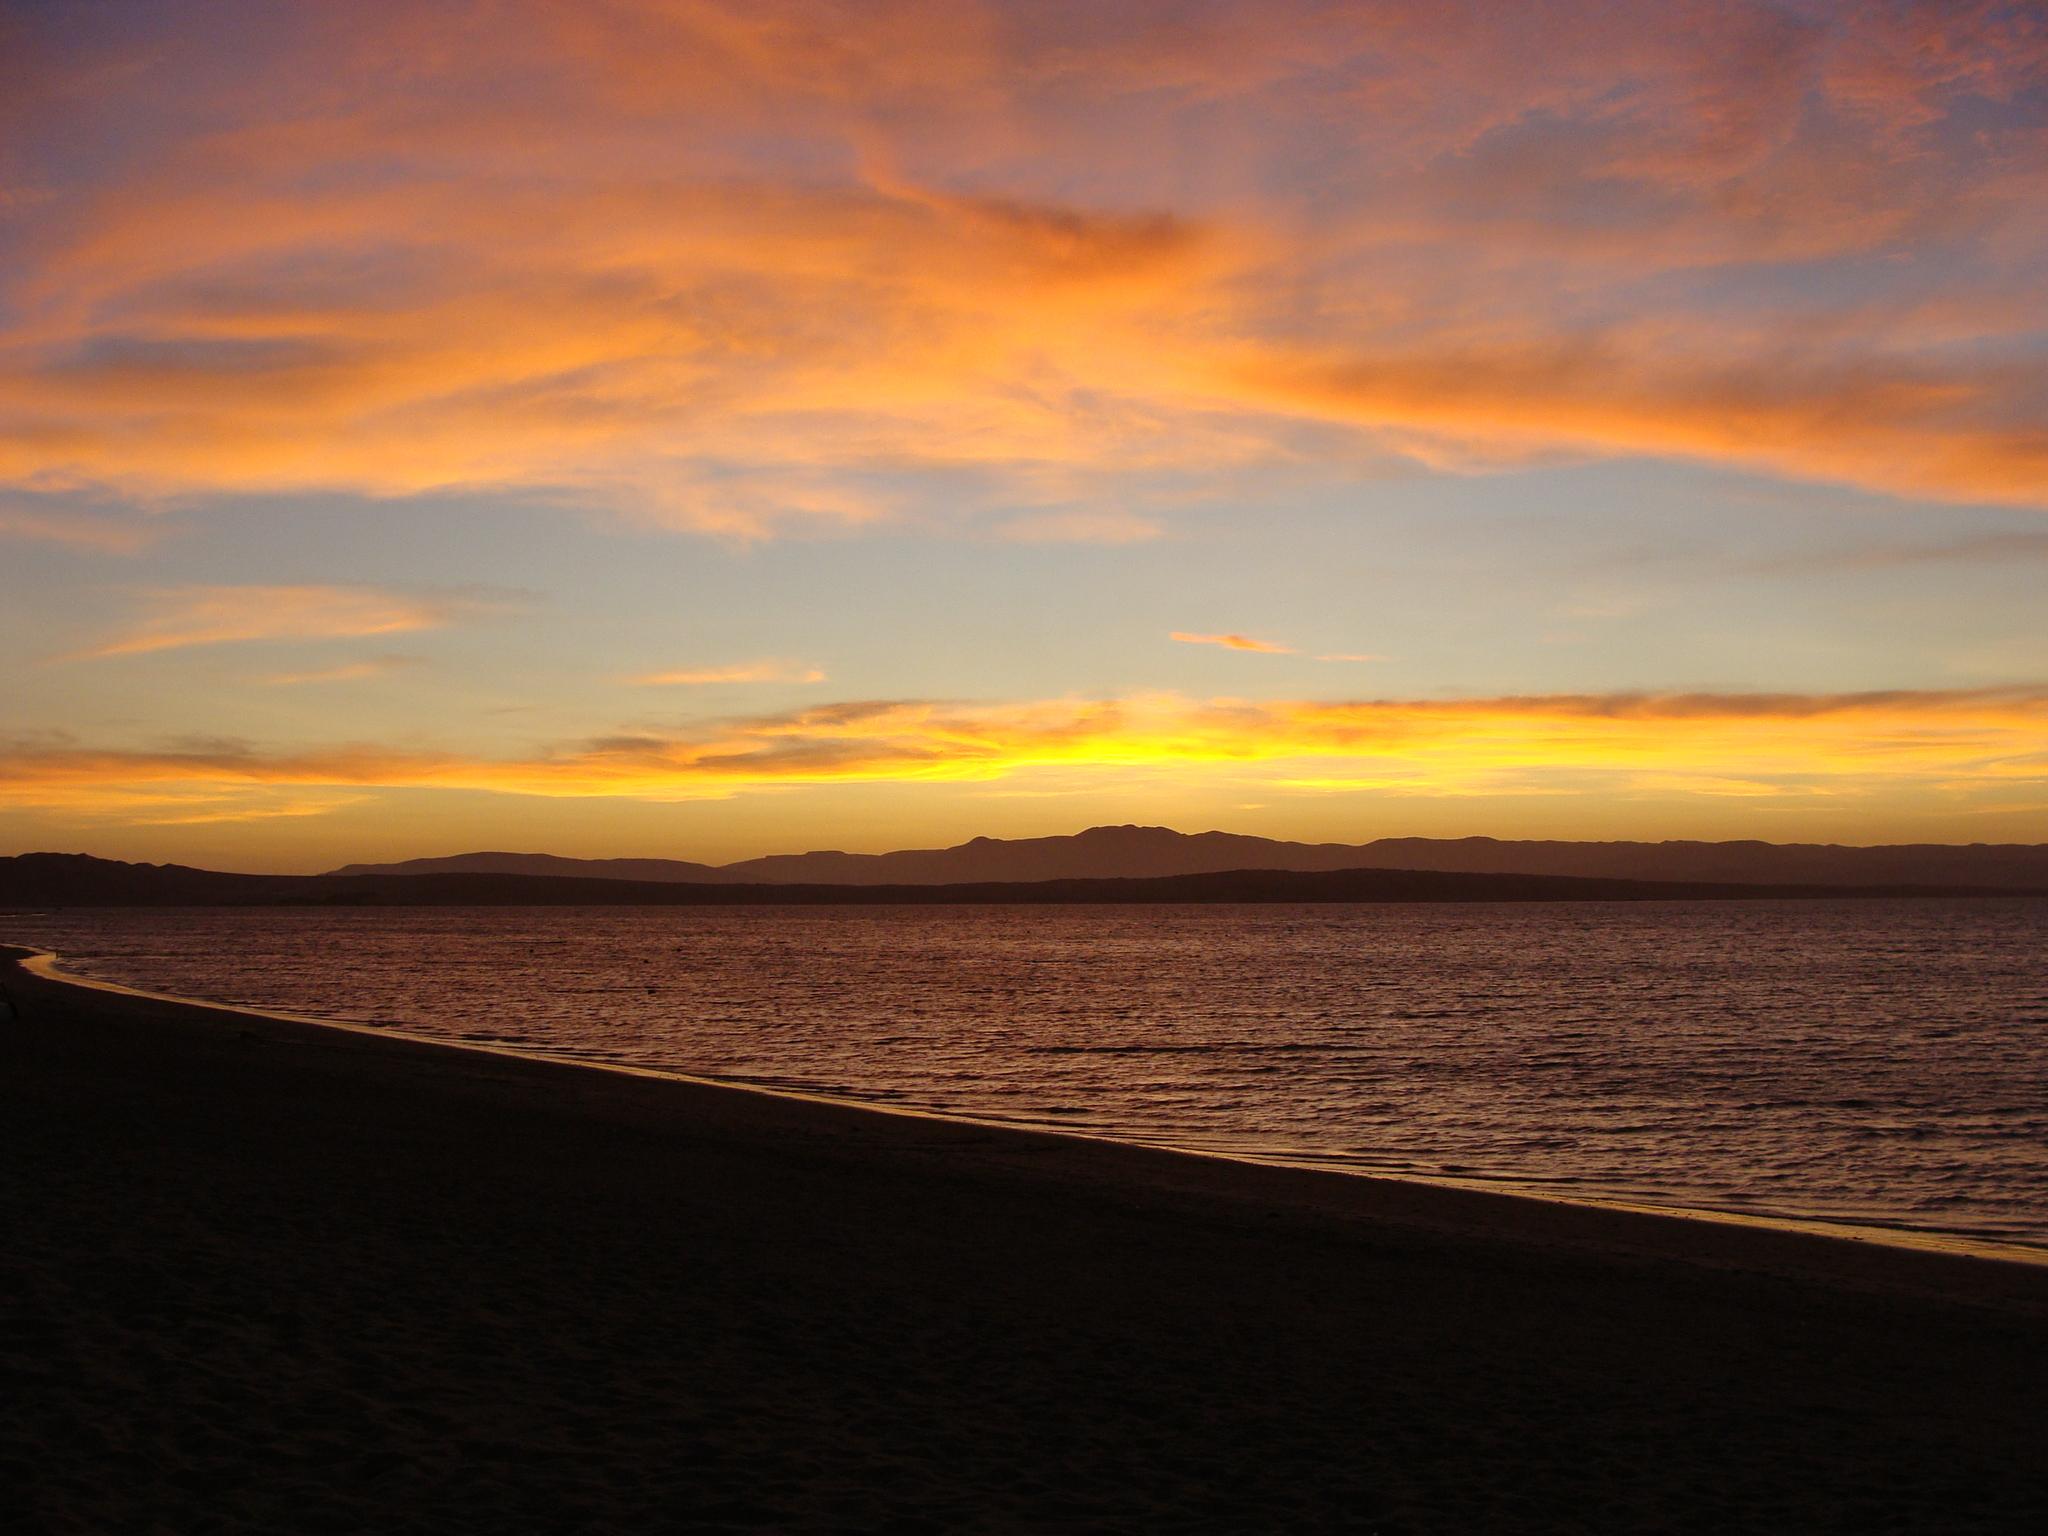 Paracaský záliv po západu slunce 21. 2. 2011 18:43